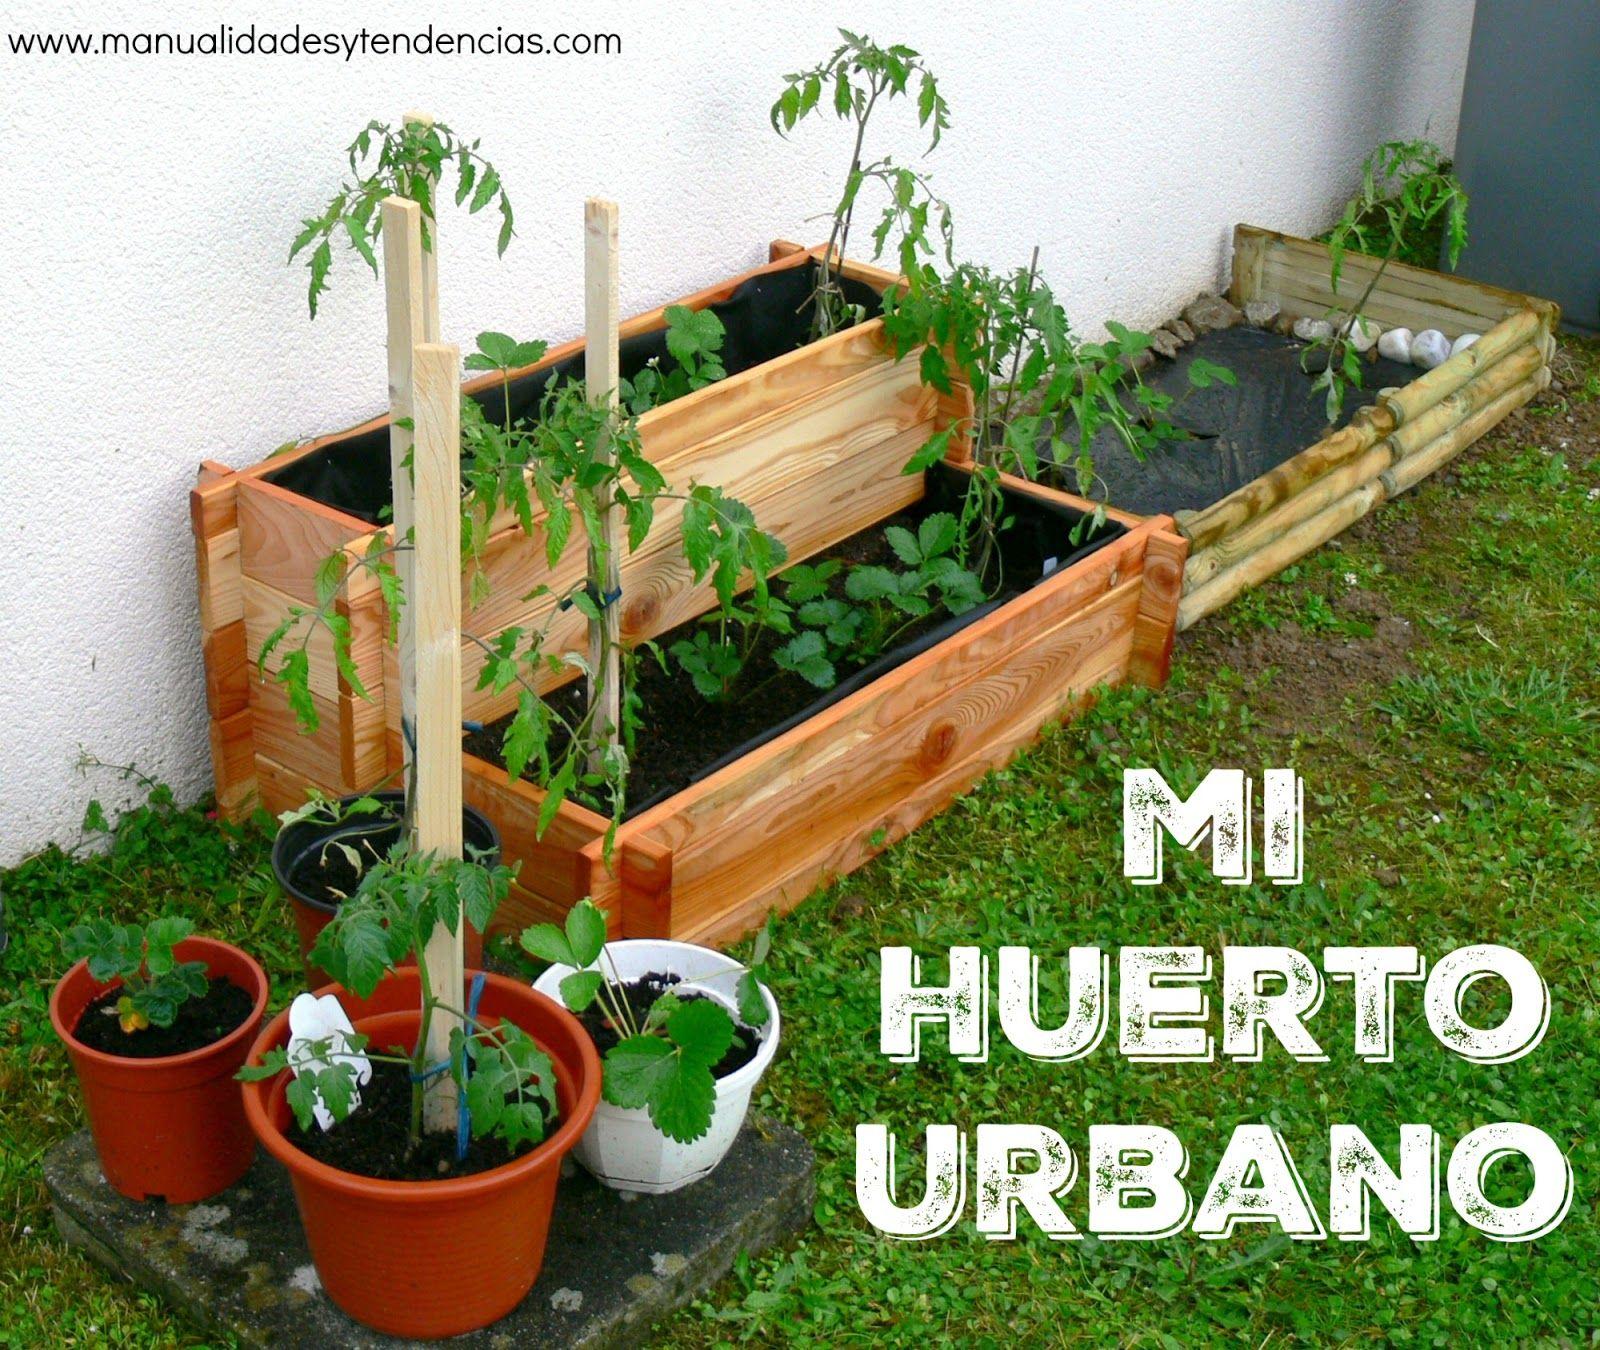 Cómo Hacer Un Huerto Urbano Huerto Urbano Como Hacer Un Huerto Huerto